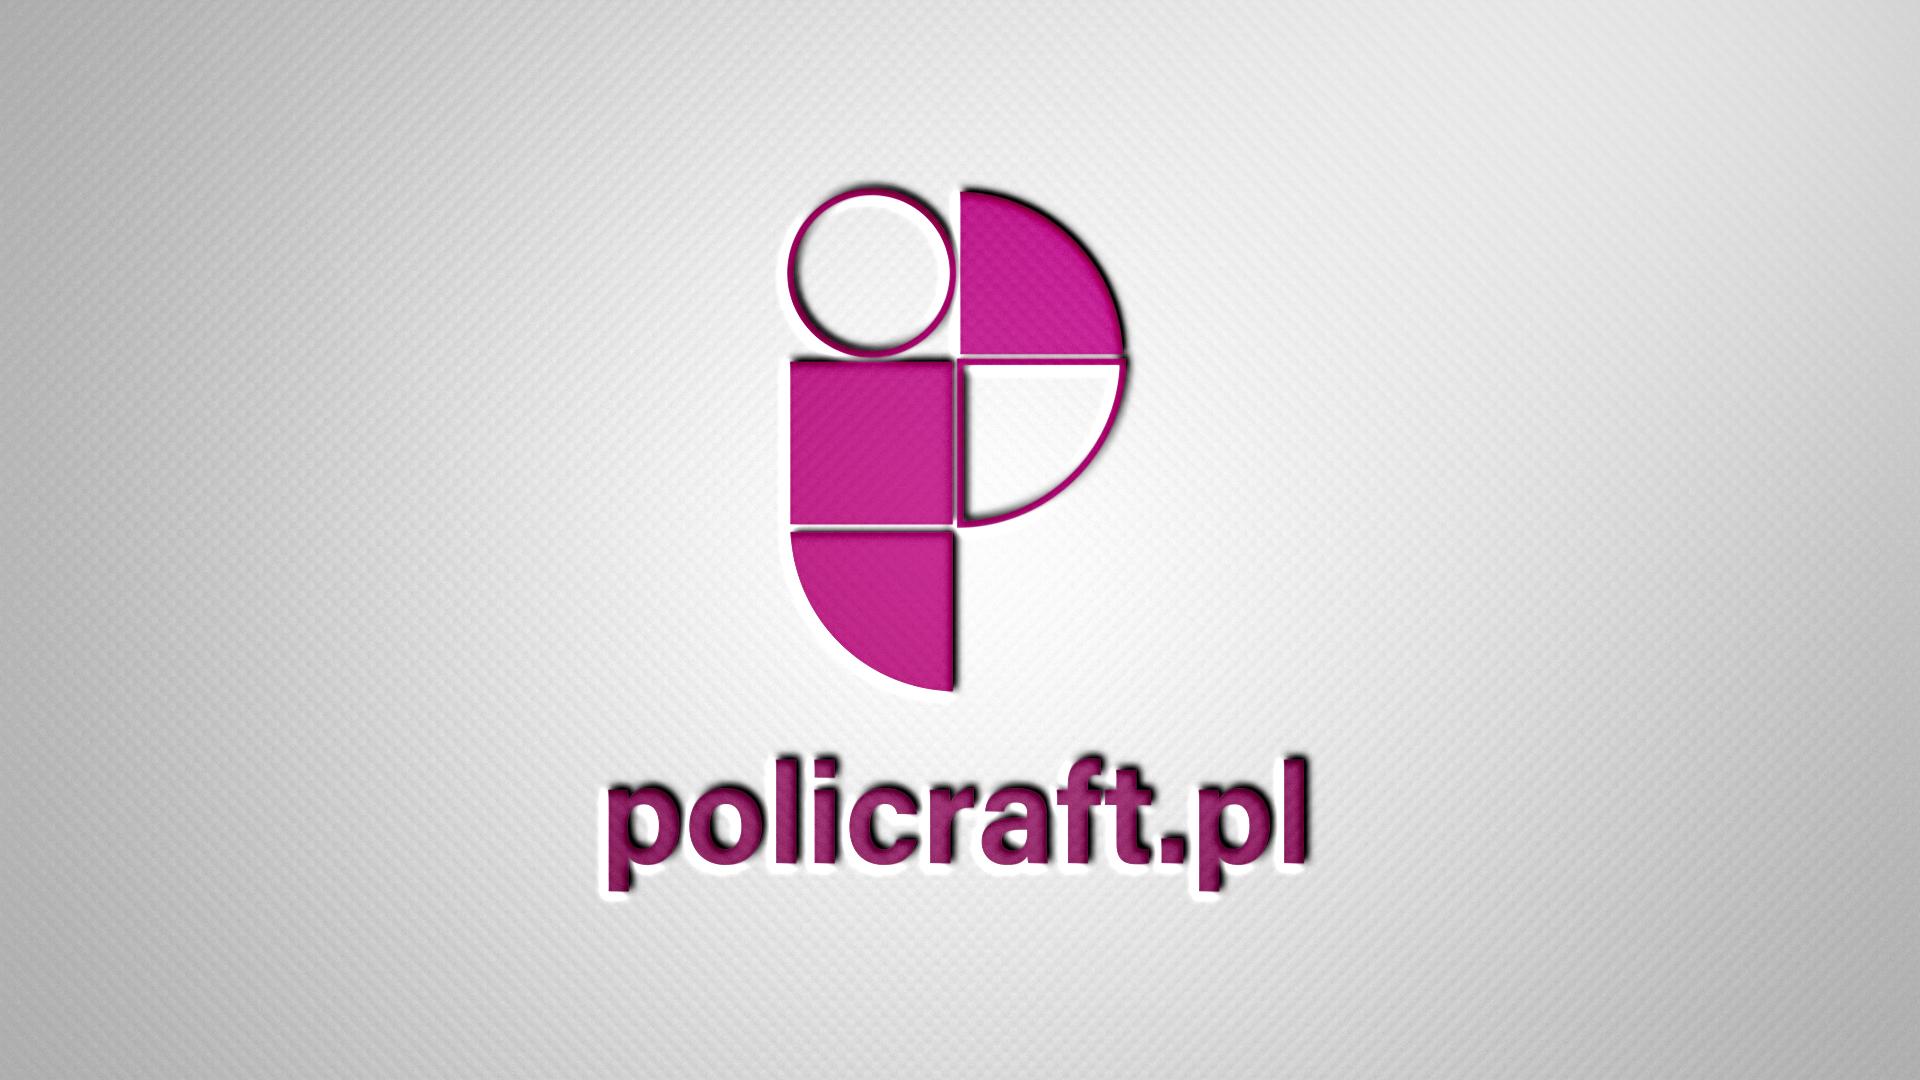 projektowanie logo firmwoe